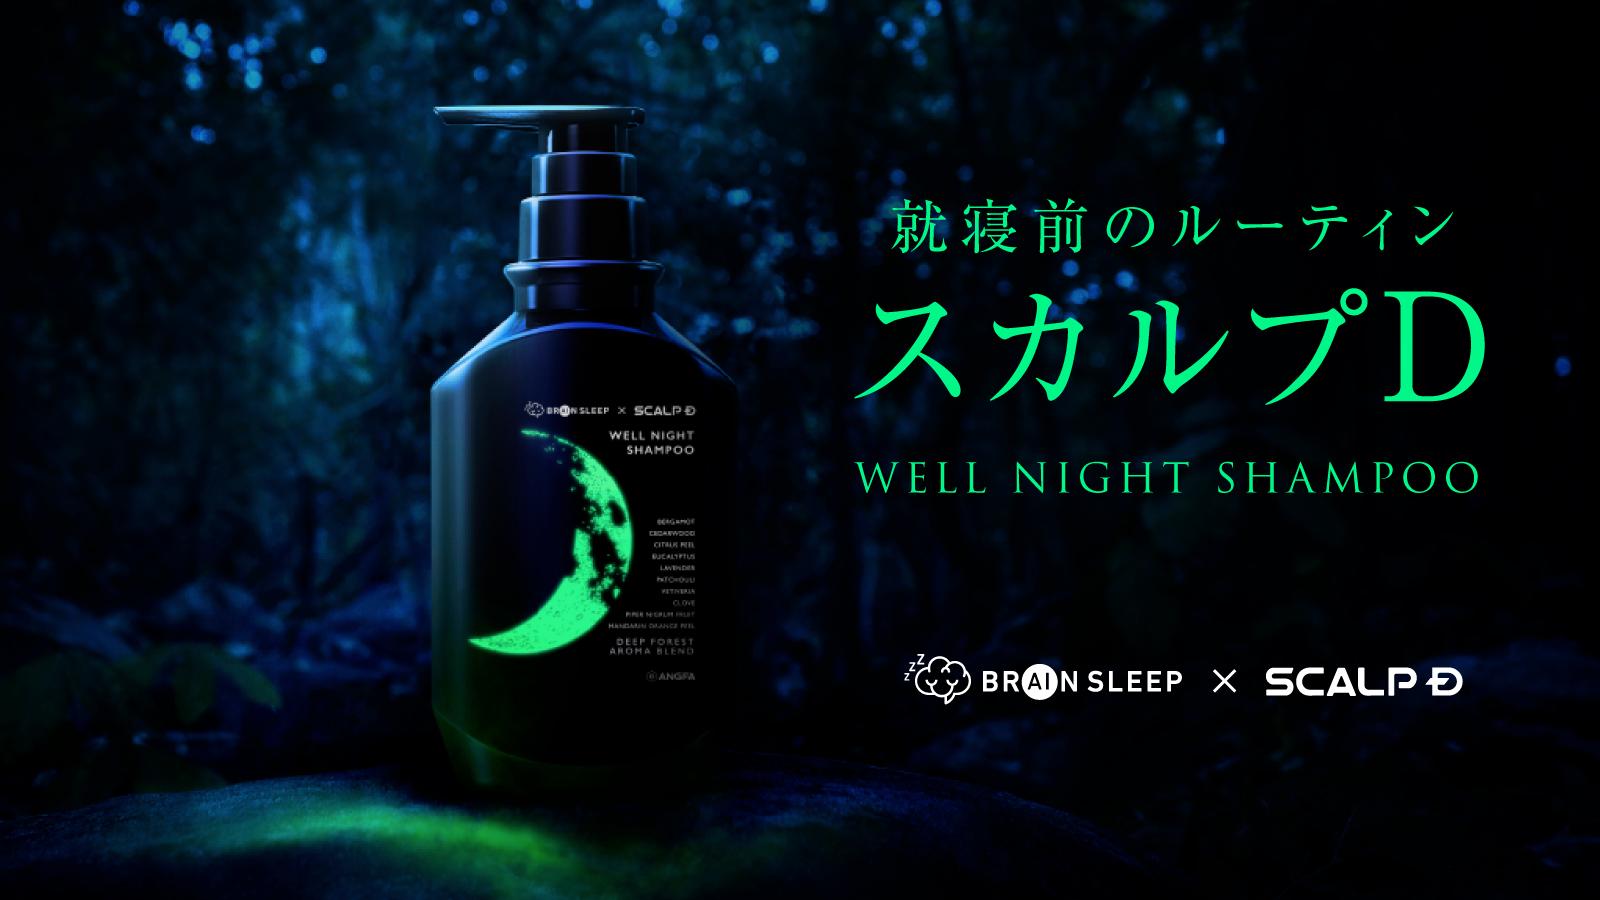 ブレインスリープ × アンファー 『睡眠の質』に着目!就寝前のバスタイムをリラックス空間へ  スカルプD ウェルナイトシャンプー 誕生  2021年9月3日(金)よりMakuakeにて予約販売開始